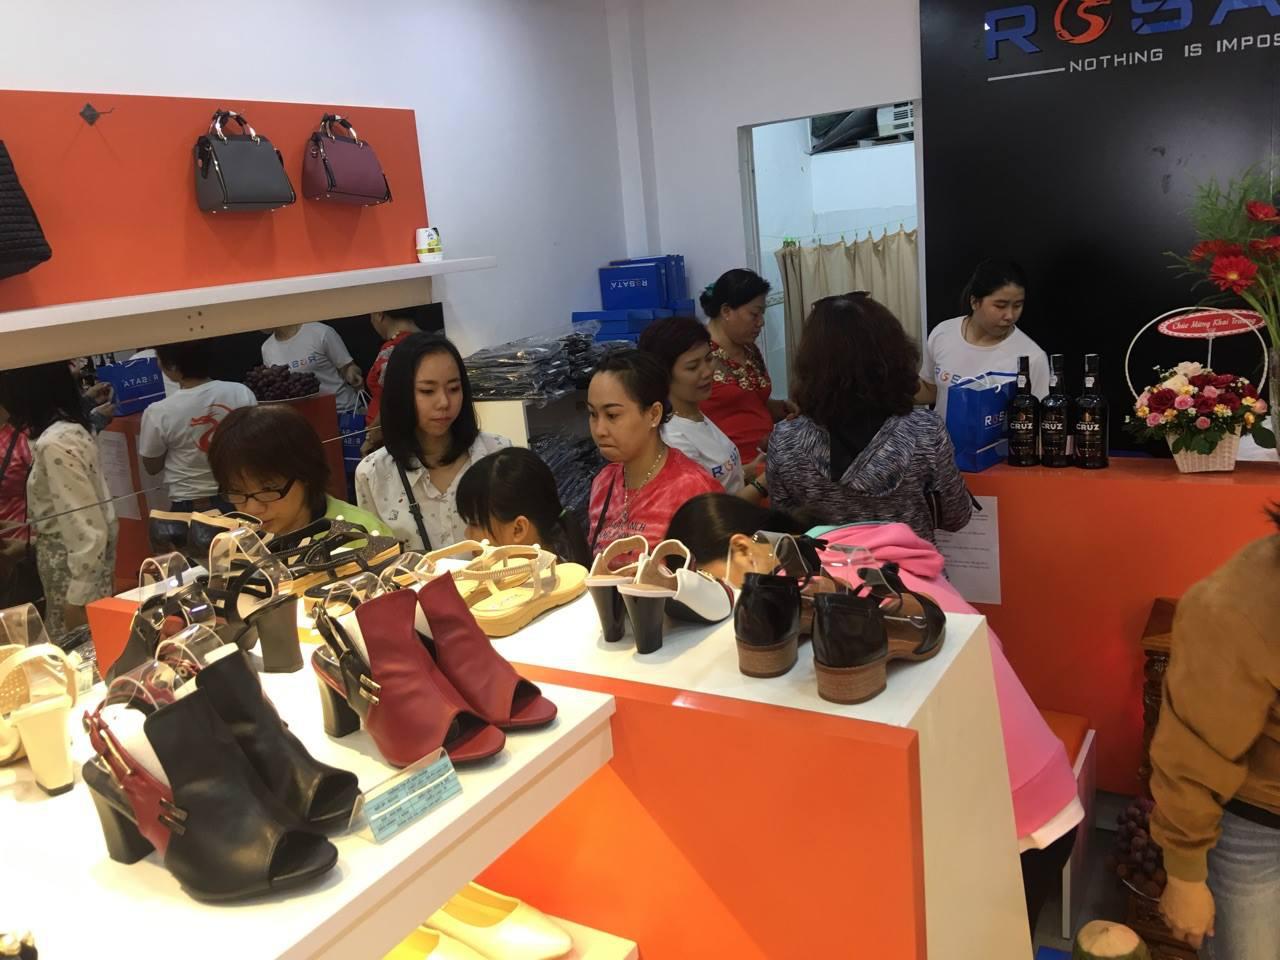 Mạo hiểm bỏ việc lương nghìn đô tập đoàn lớn về bán giày dép nữ, kỹ sư điện đạt doanh thu hàng chục tỷ đồng/năm - Ảnh 1.